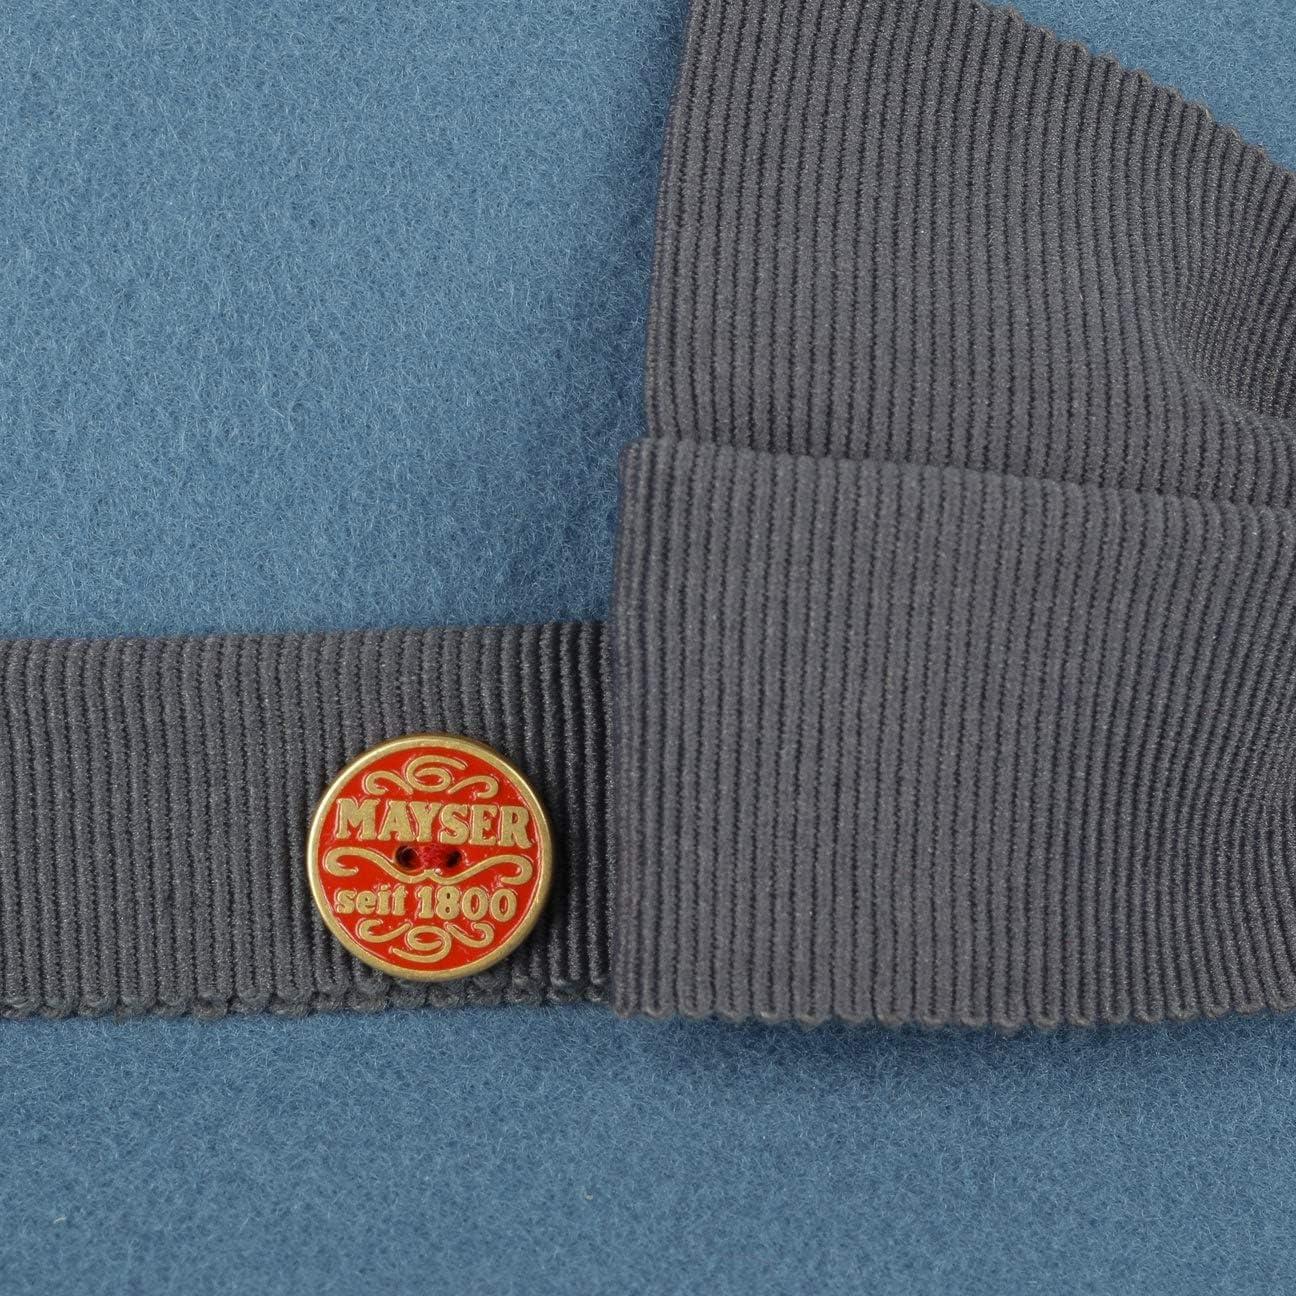 Mayser Jana Soft Wool Damenhut Wollhut Wollfilzhut Glockenhut Mit Ripsband